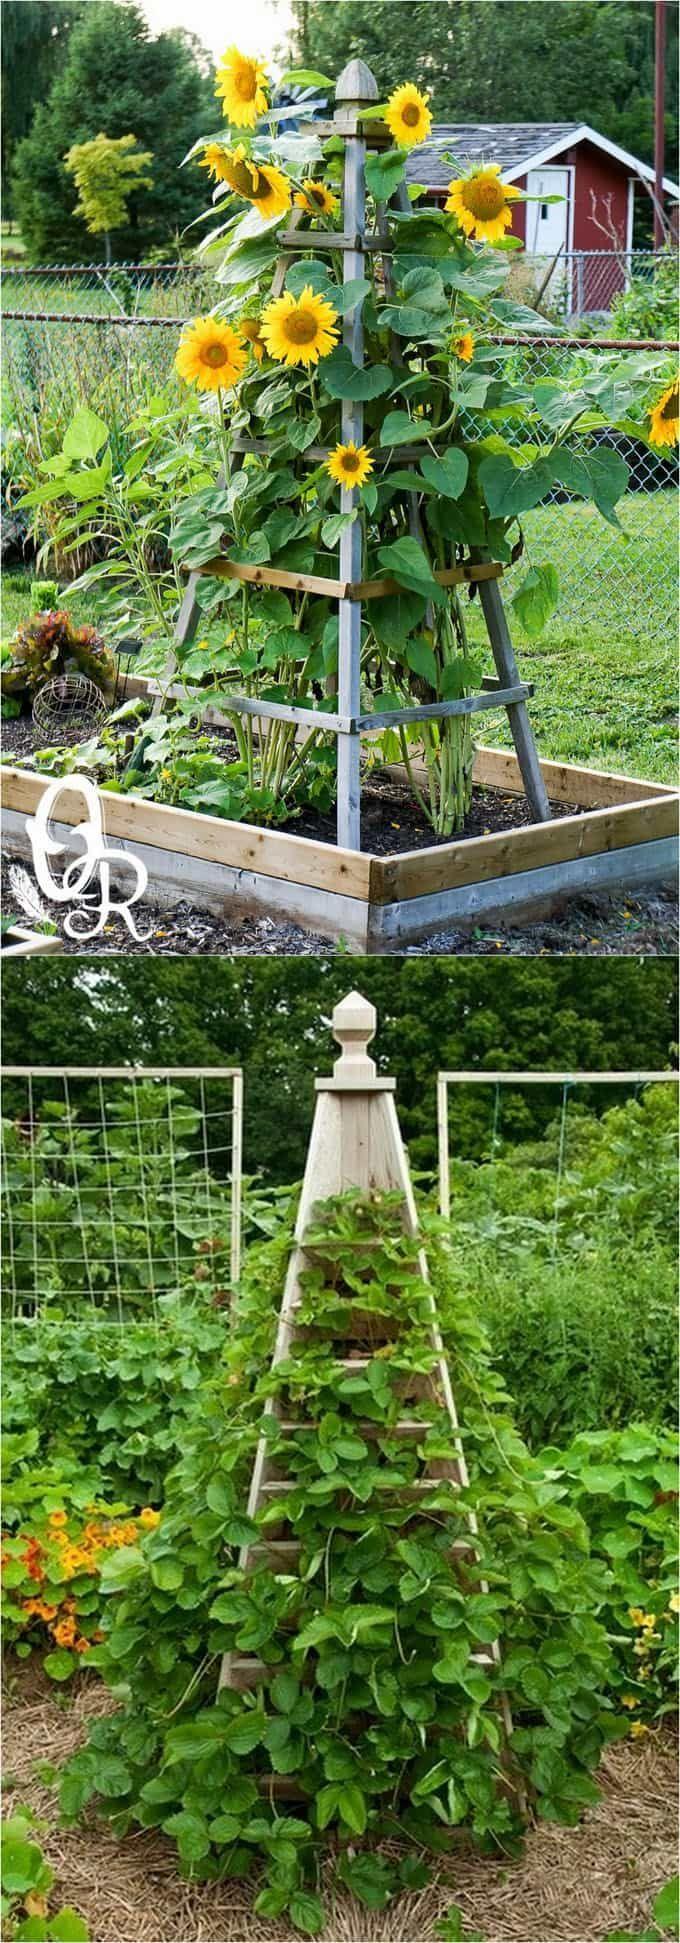 21 schöne und DIY-freundliche Gartengitter und Strukturen, wie Gur ...  #freundliche #gartengitter #schone #strukturen #veggiegardens